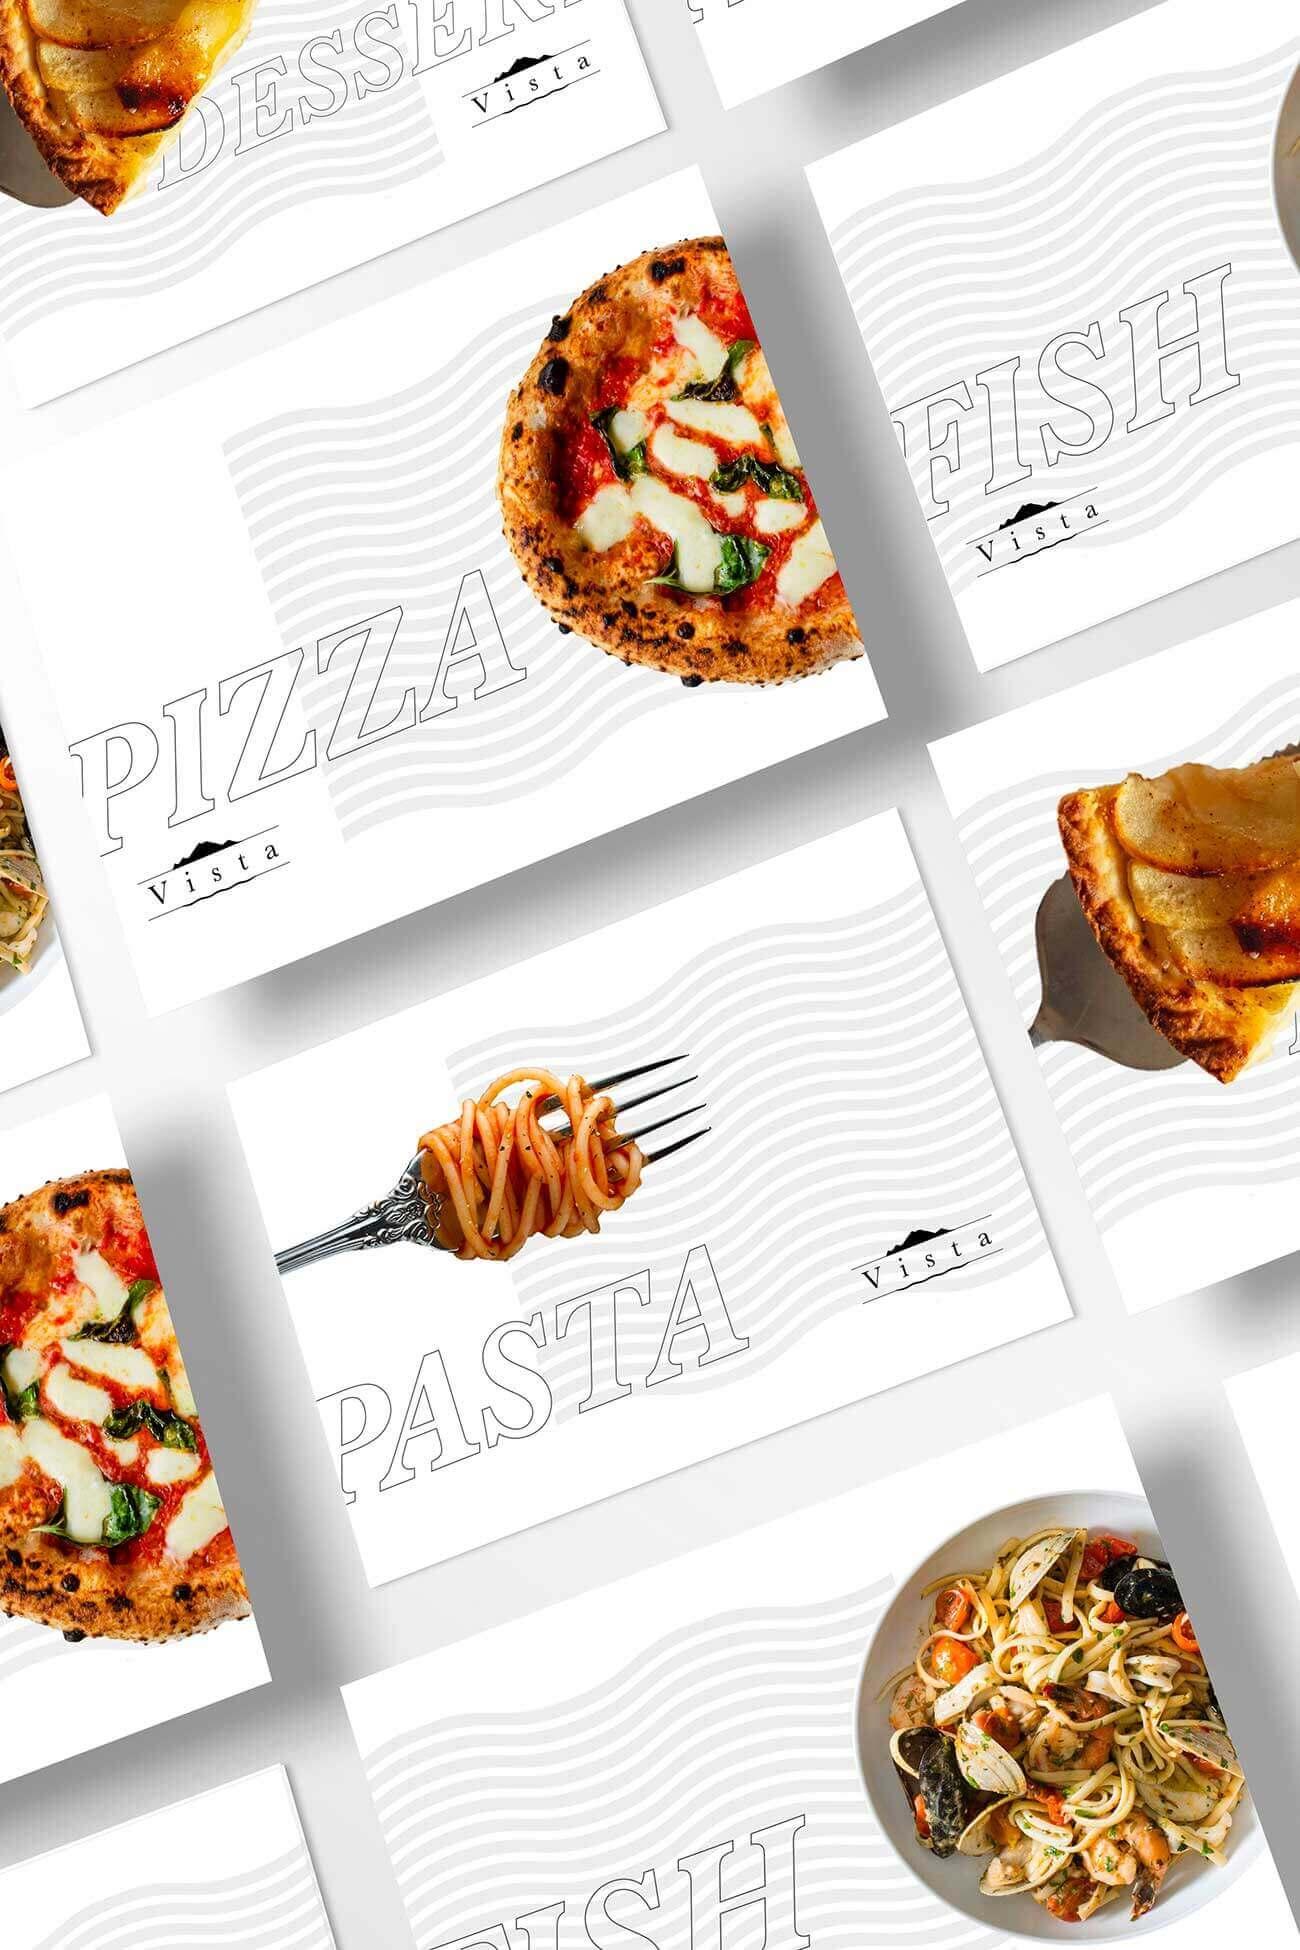 sequenza di card bianche con il logo e brand identity design di Vista Ristorante su sfondo bianco